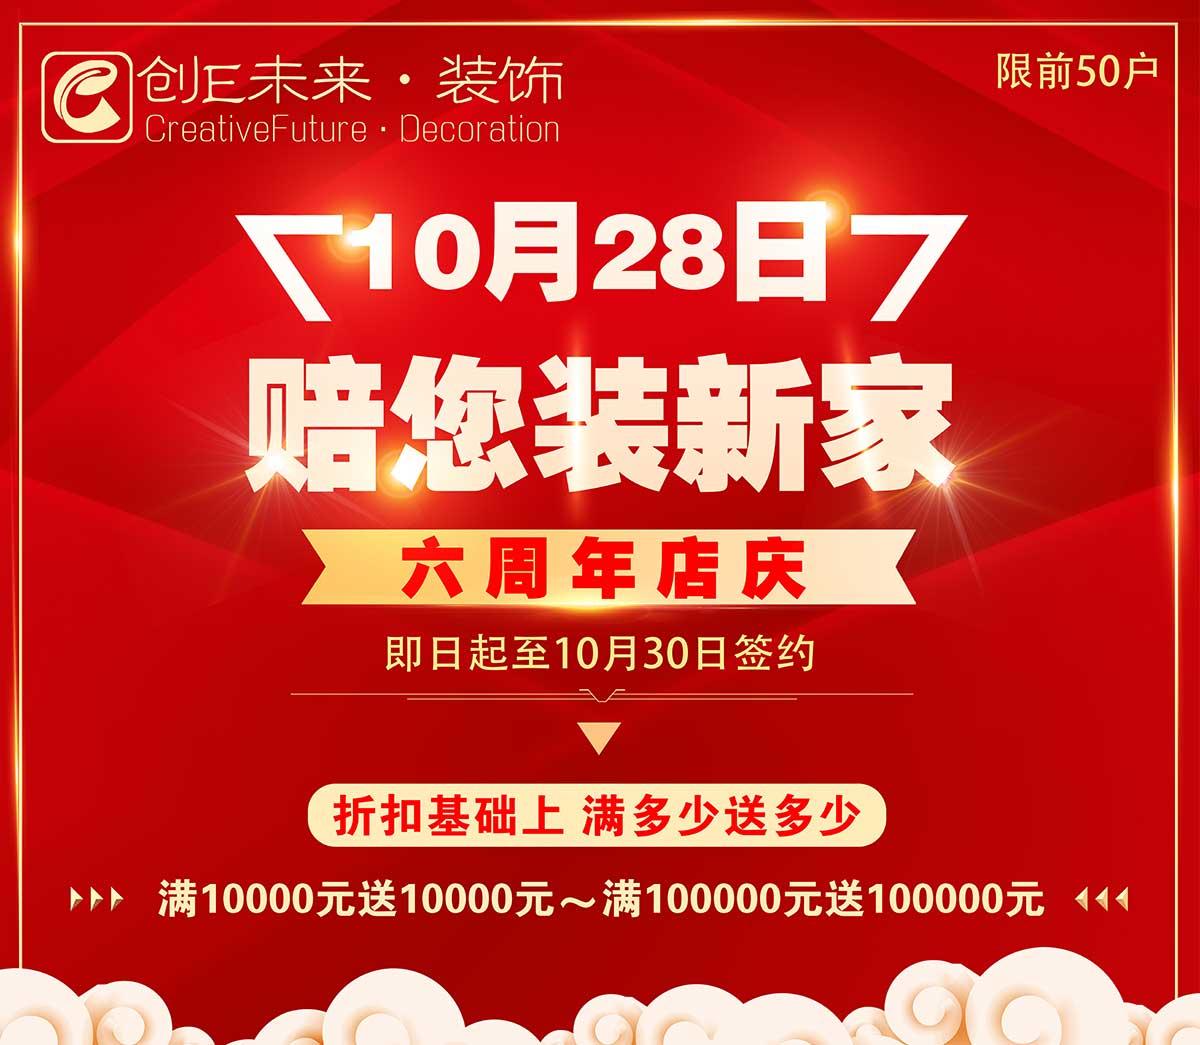 盘锦创E未来装修公司10月28日6周年店庆